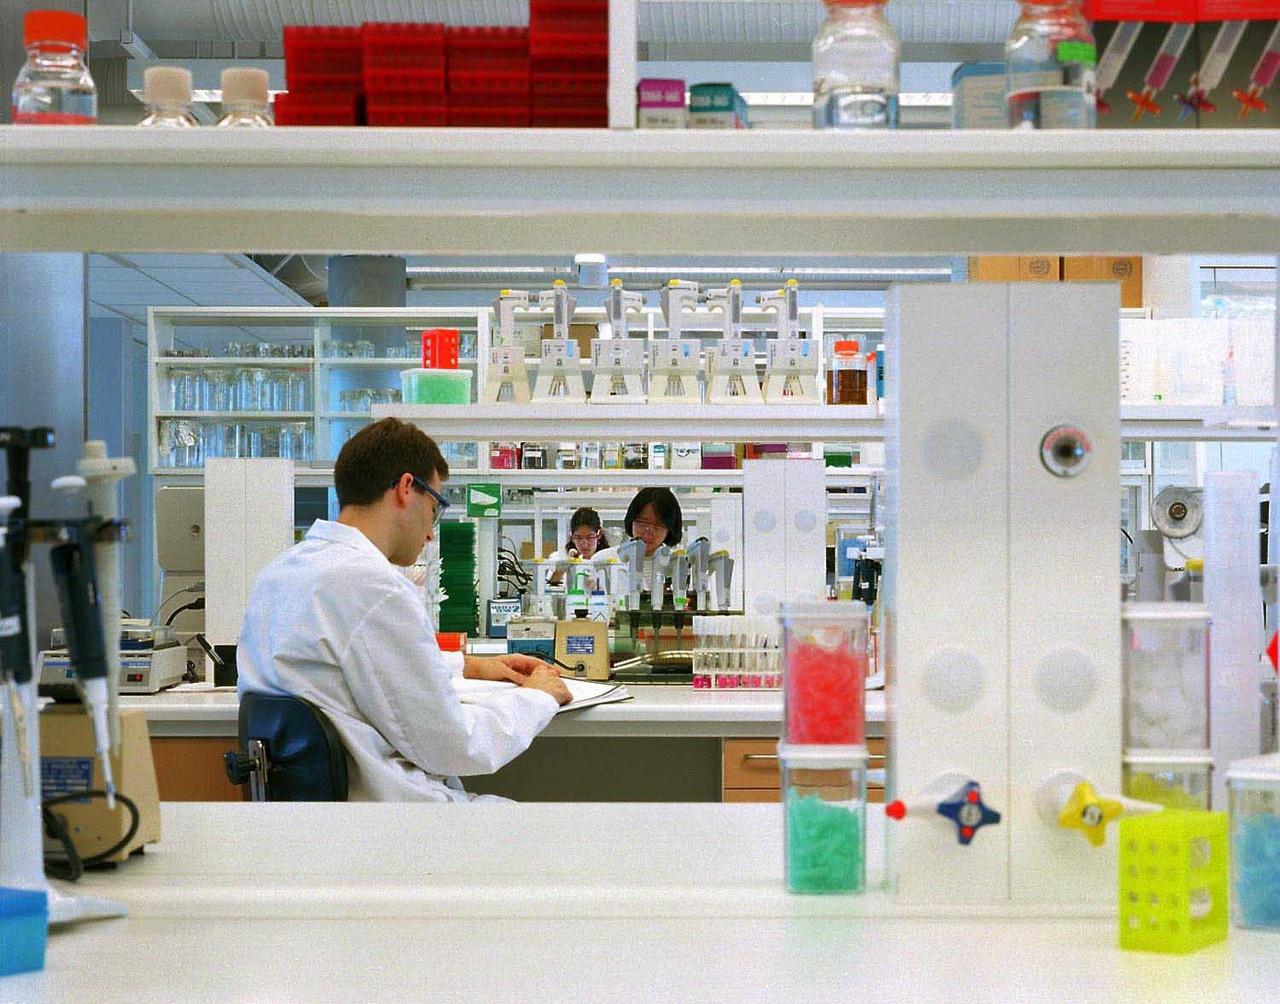 У AstraZeneca проблемы не только с вакциной, но и с попыткой фальсификации статистики результатов своих испытаний.